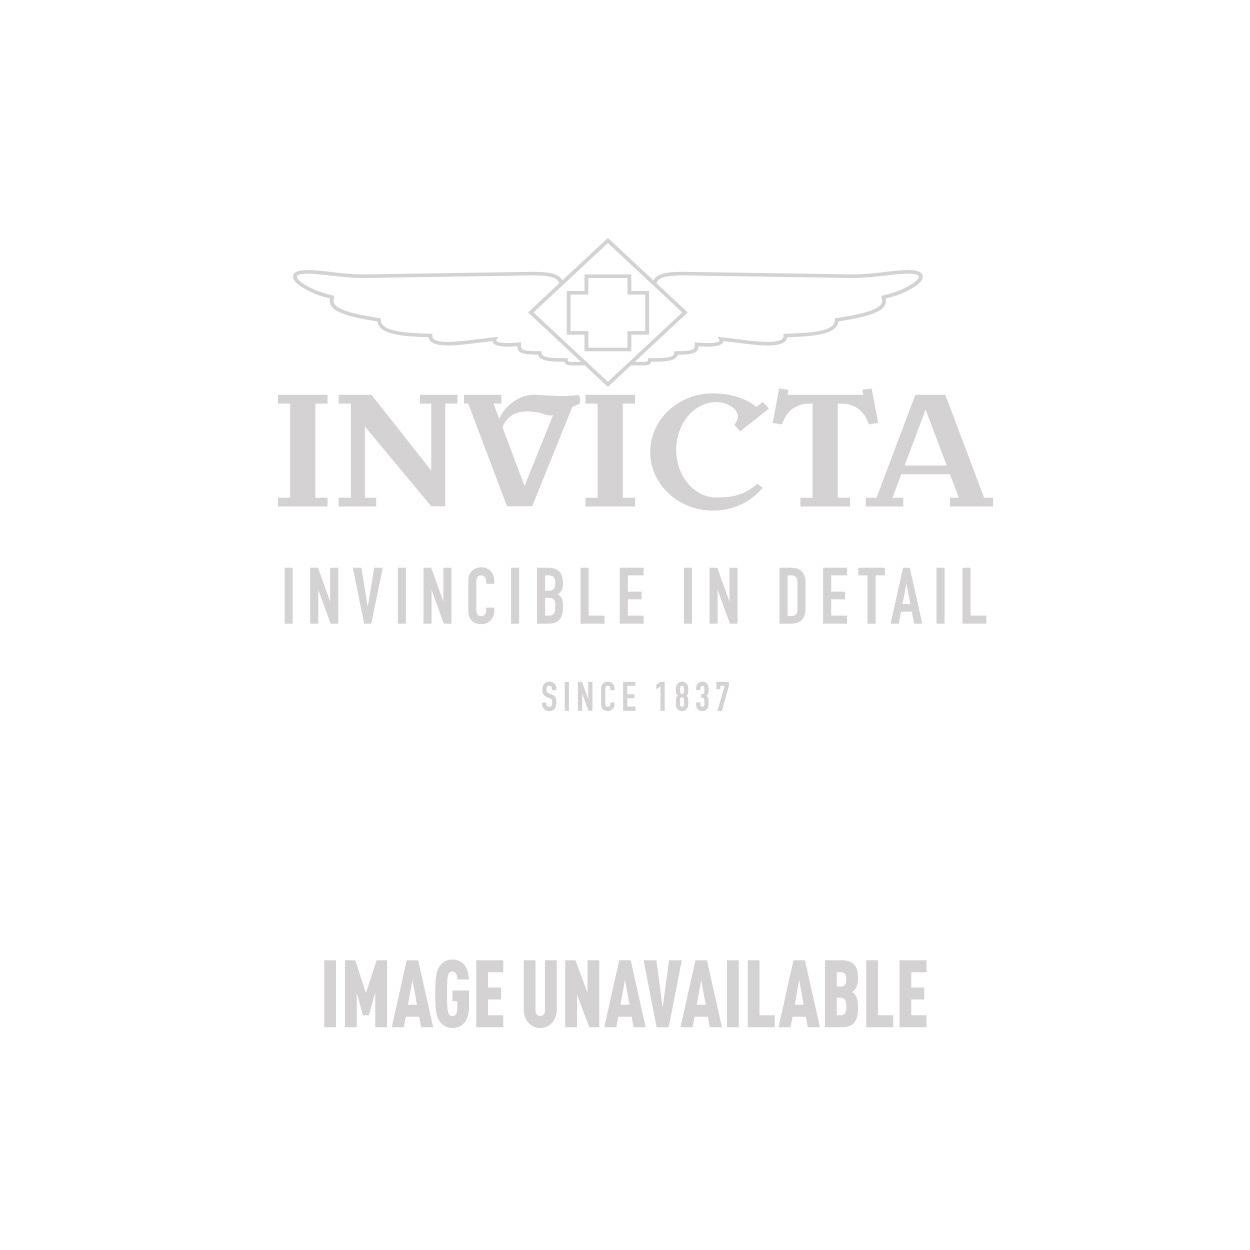 Invicta Model 25142